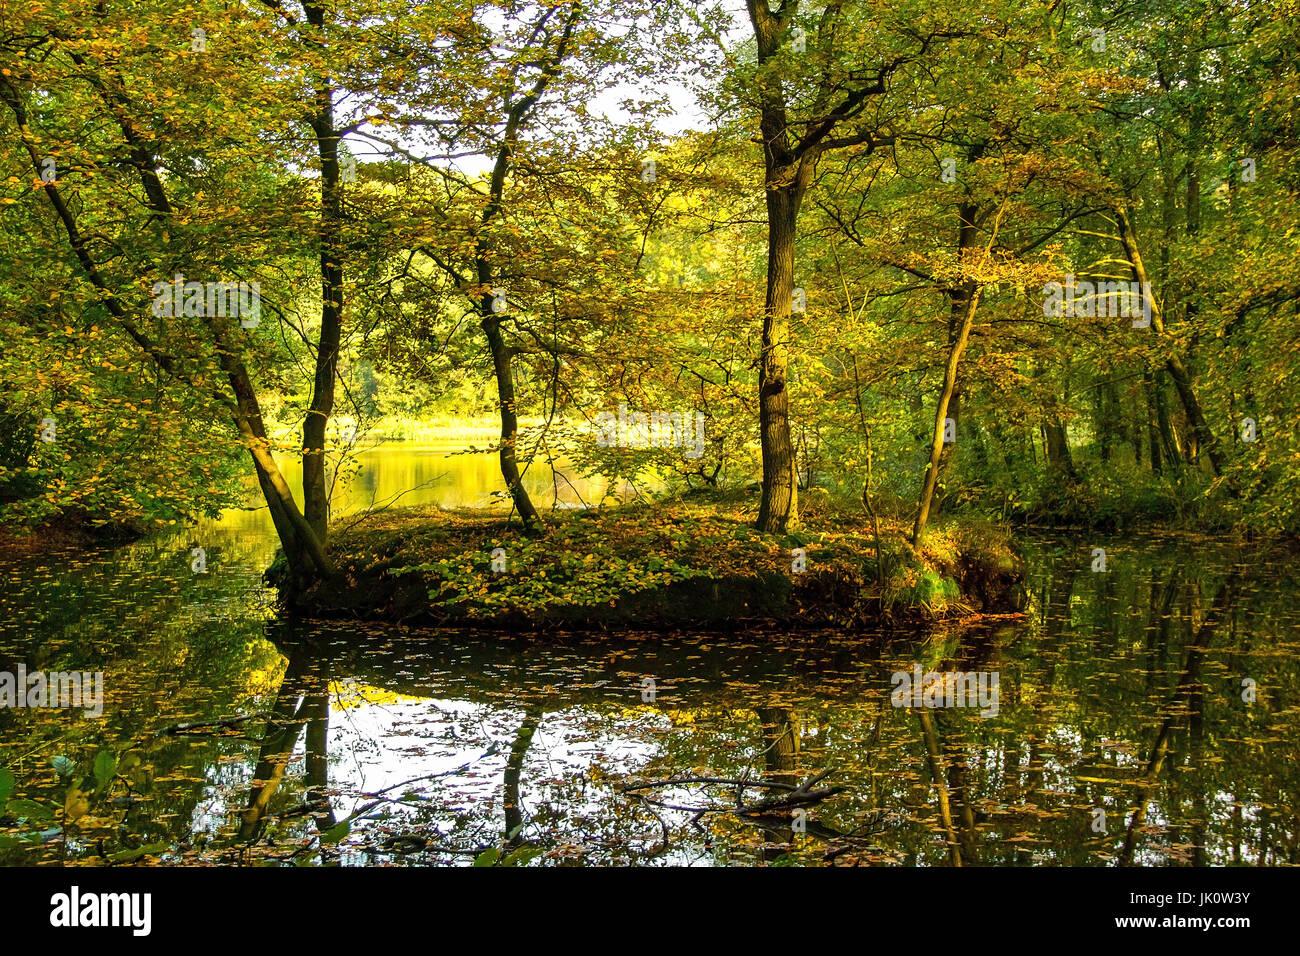 Teich in der Mitte ein helles Buchenholz Pause mit Beginn Herbst Färbung, Weiher Inmitten Eines Lichten Buchenbruchwalds Mit Beginnender herbstf Stockfoto